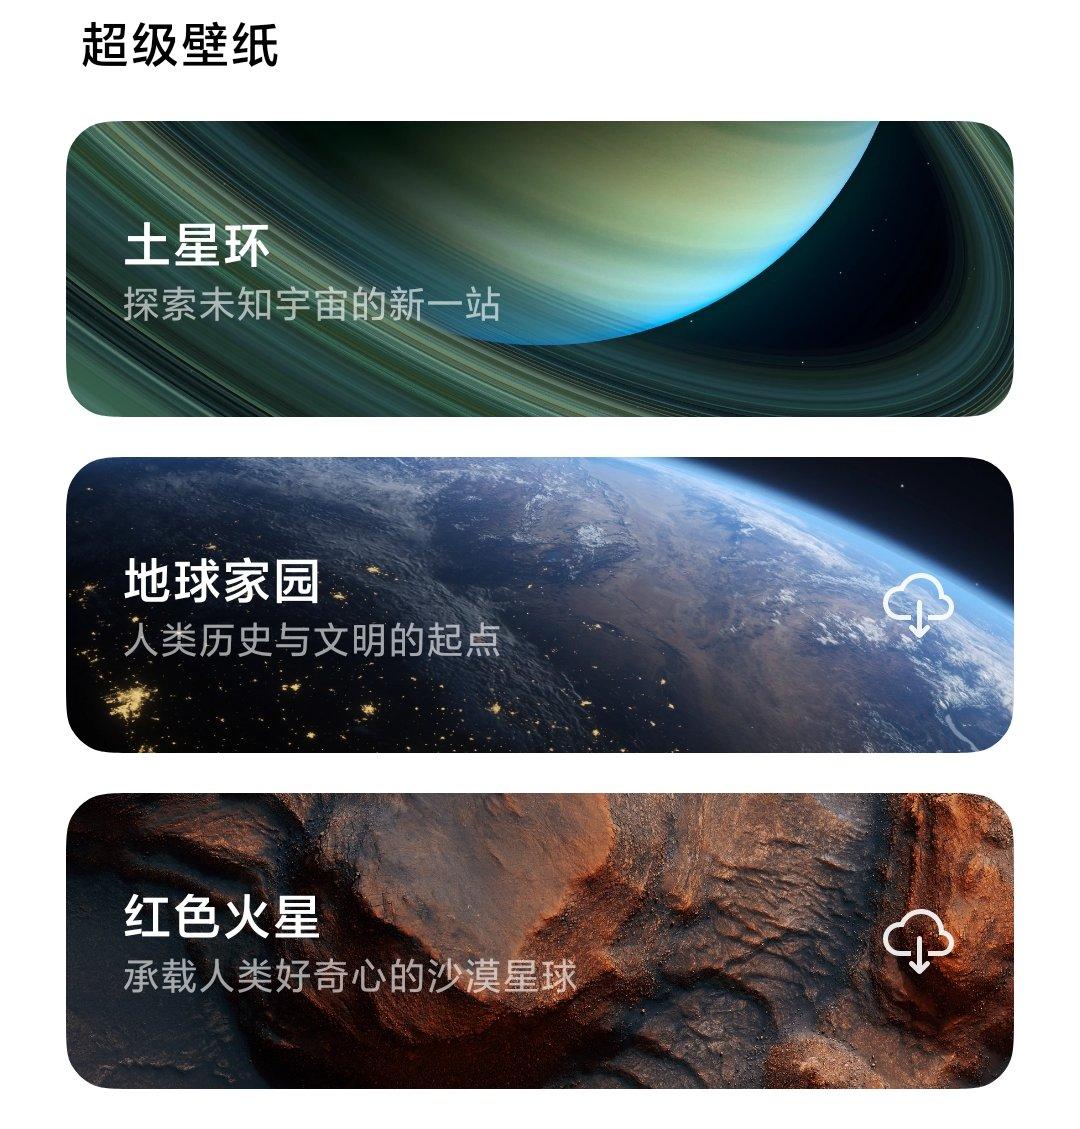 小米最新土星超级壁纸